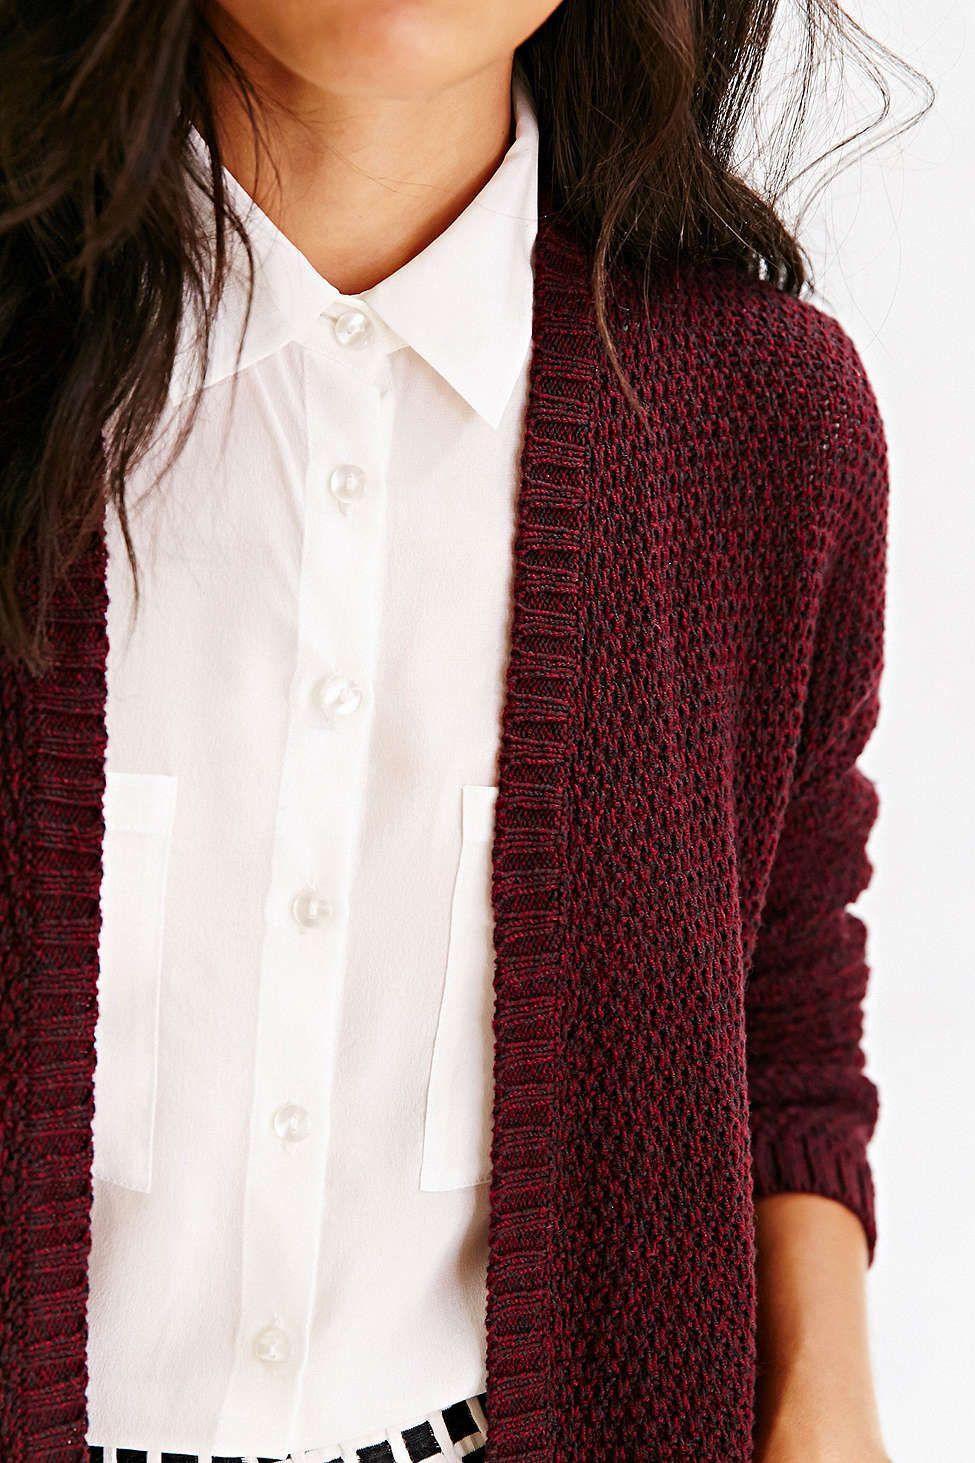 BDG London Cardigan - such a pretty rich burgundy color | Wishlist ...